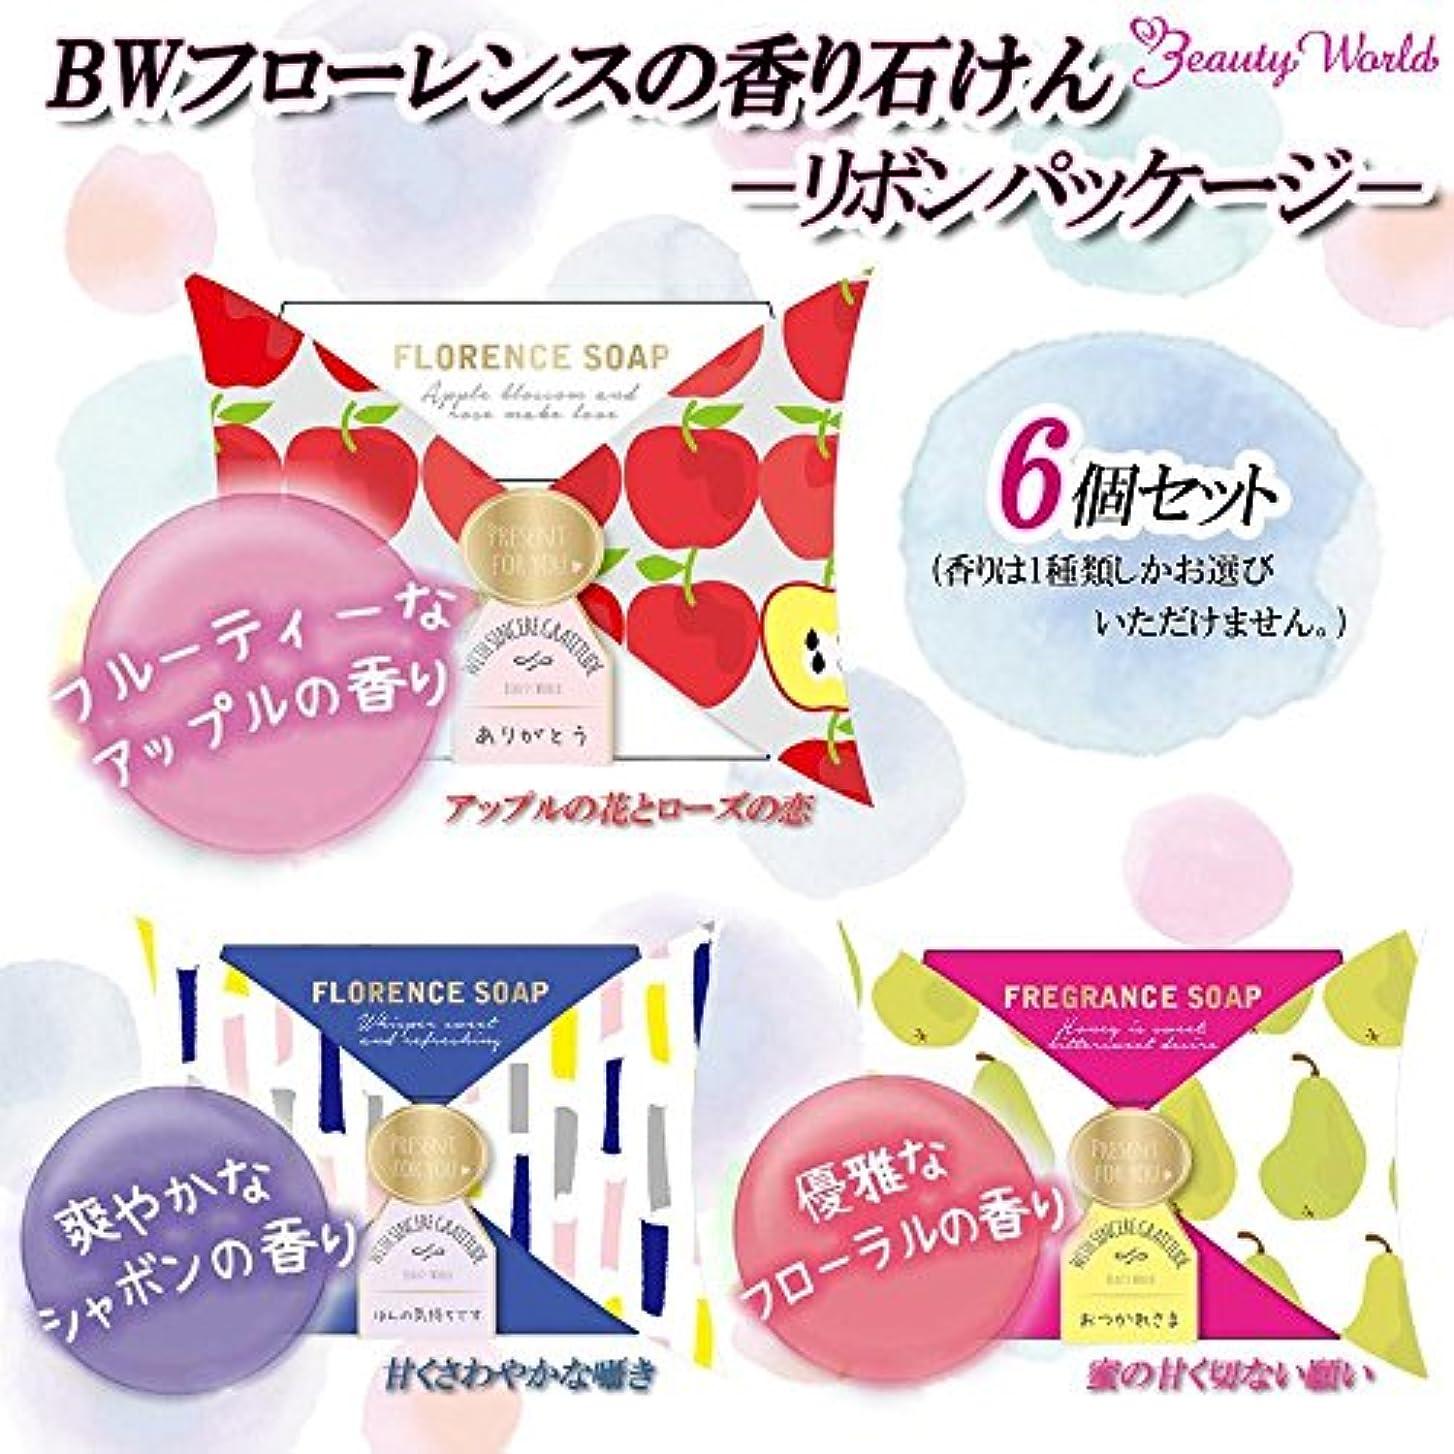 劇作家気がついて交じるビューティーワールド BWフローレンスの香り石けん リボンパッケージ 6個セット ■3種類の内「FSP386?蜜の甘く切ない願い」を1点のみです